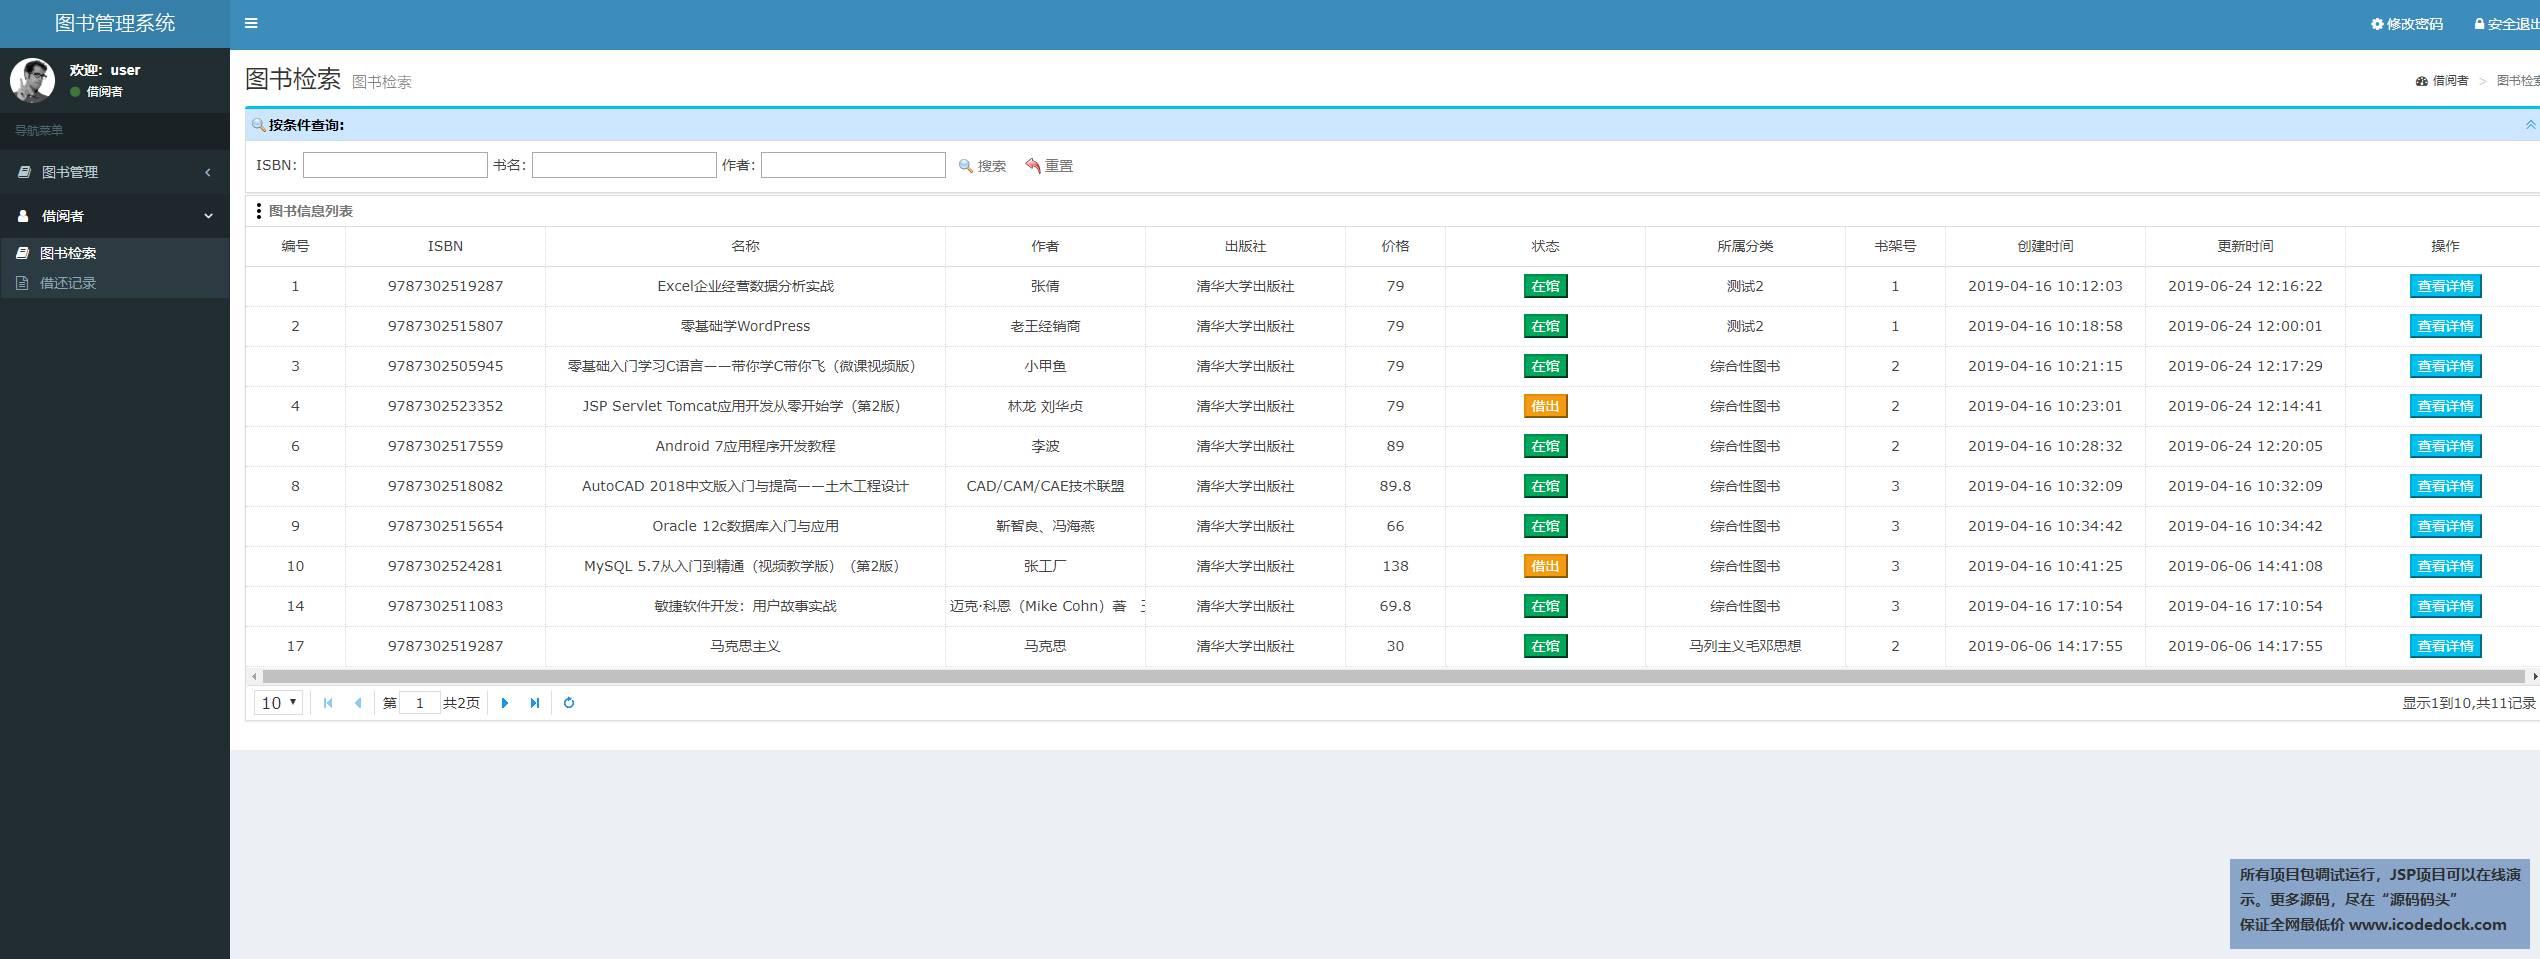 源码码头-SpringBoot图书管理系统-用户角色-图书检索